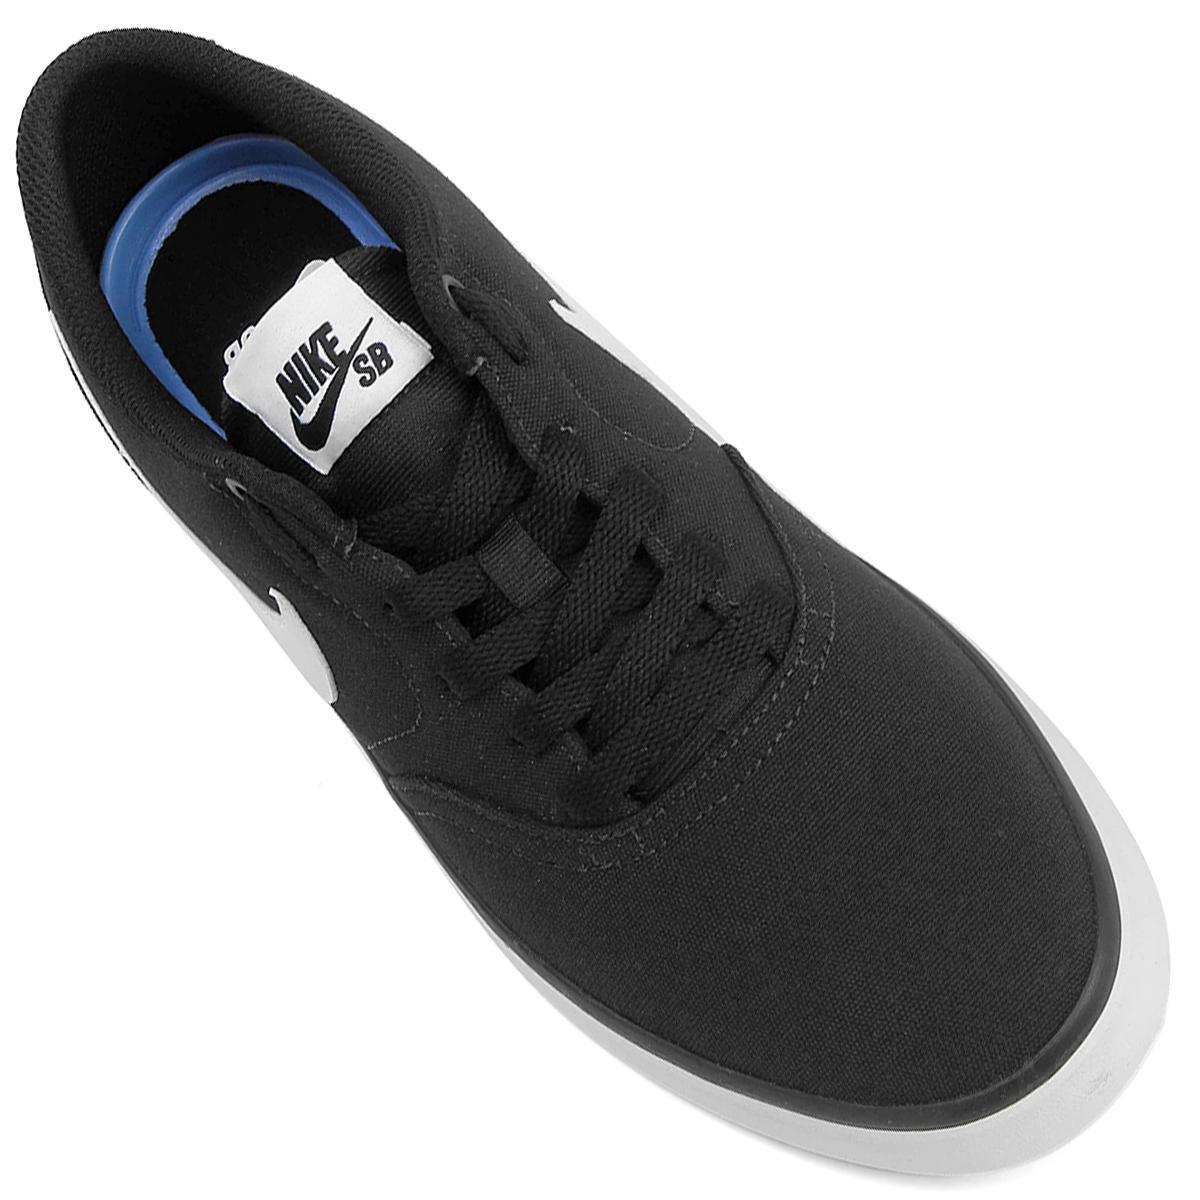 ca49979f27 Tênis Nike Sb Check Solar Cnvs Masculino - Preto e Branco - Compre ...